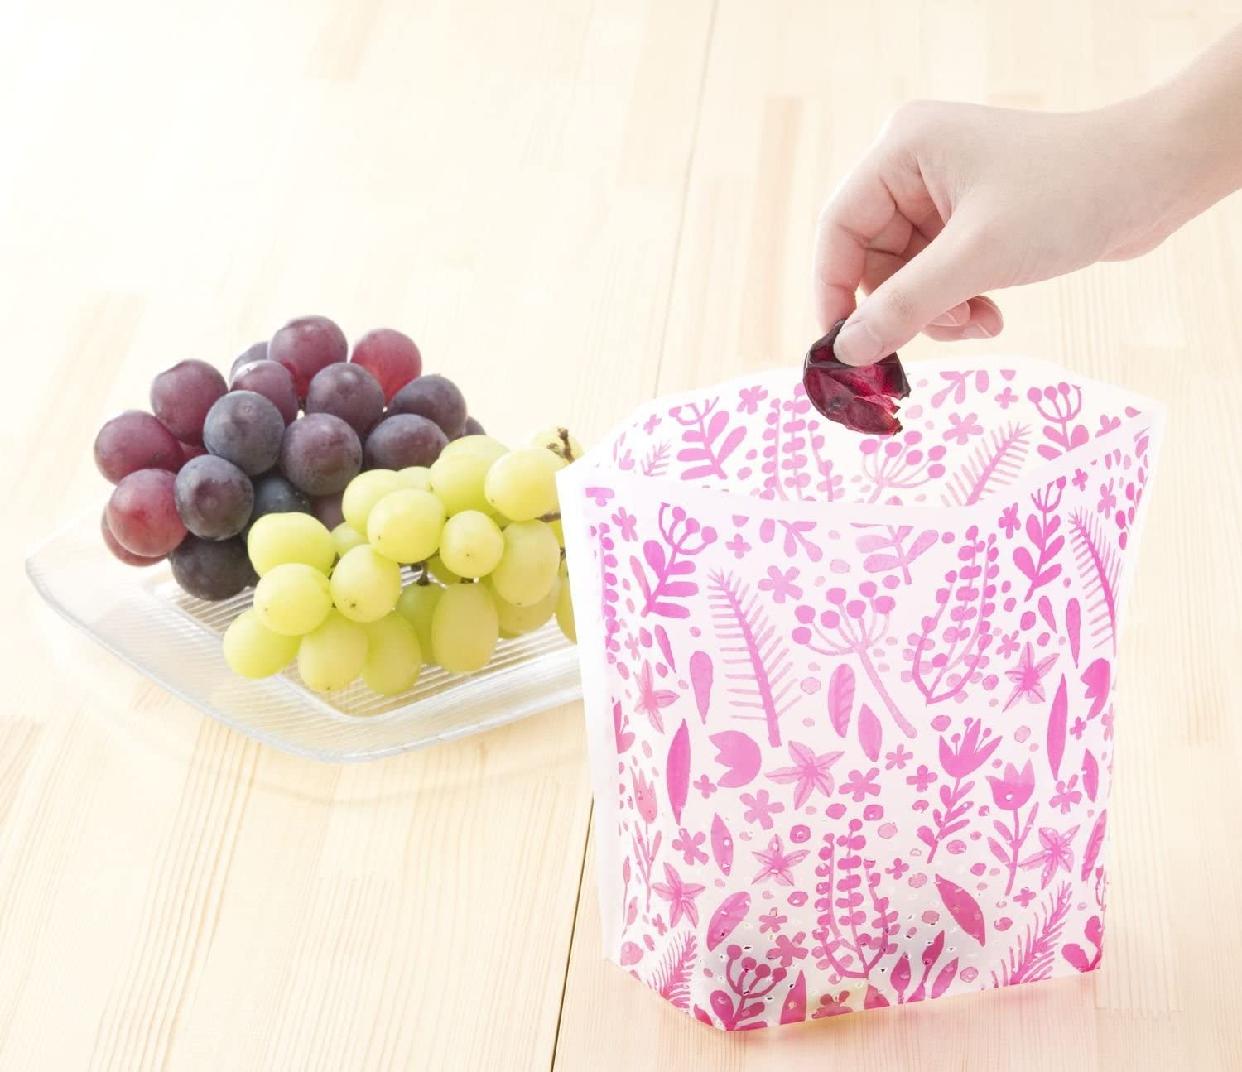 カワタキコーポレーション らくらっくー 自立型水切りゴミ袋 80枚入の商品画像6